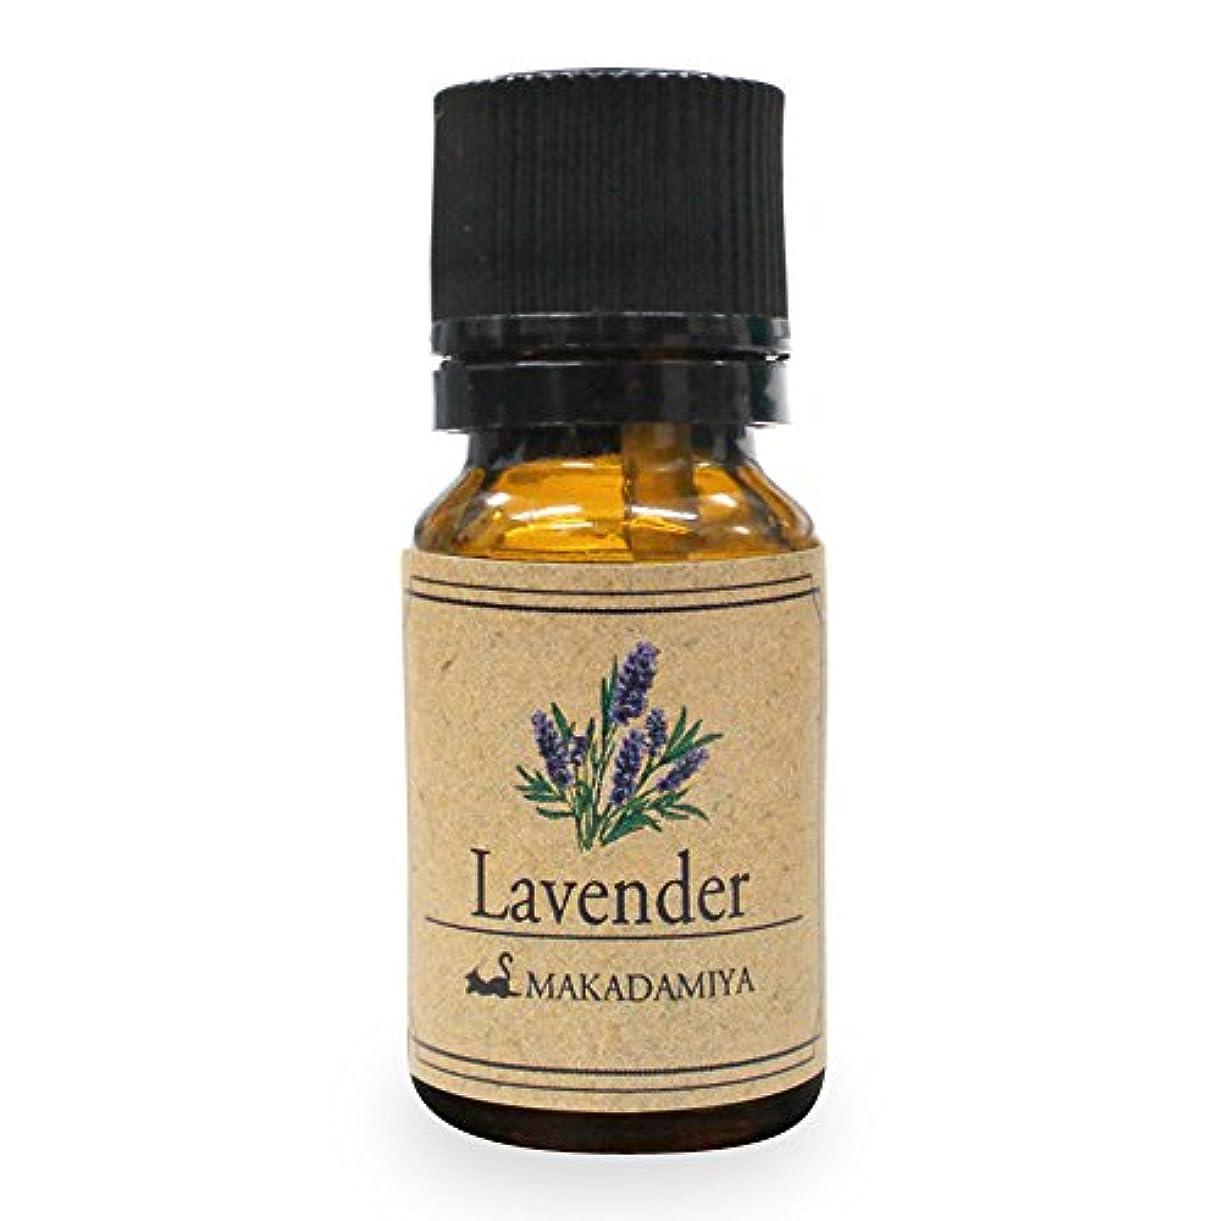 陪審パンダ知覚ラベンダー10ml 天然100%植物性 エッセンシャルオイル(精油) アロマオイル アロママッサージ aroma Lavender